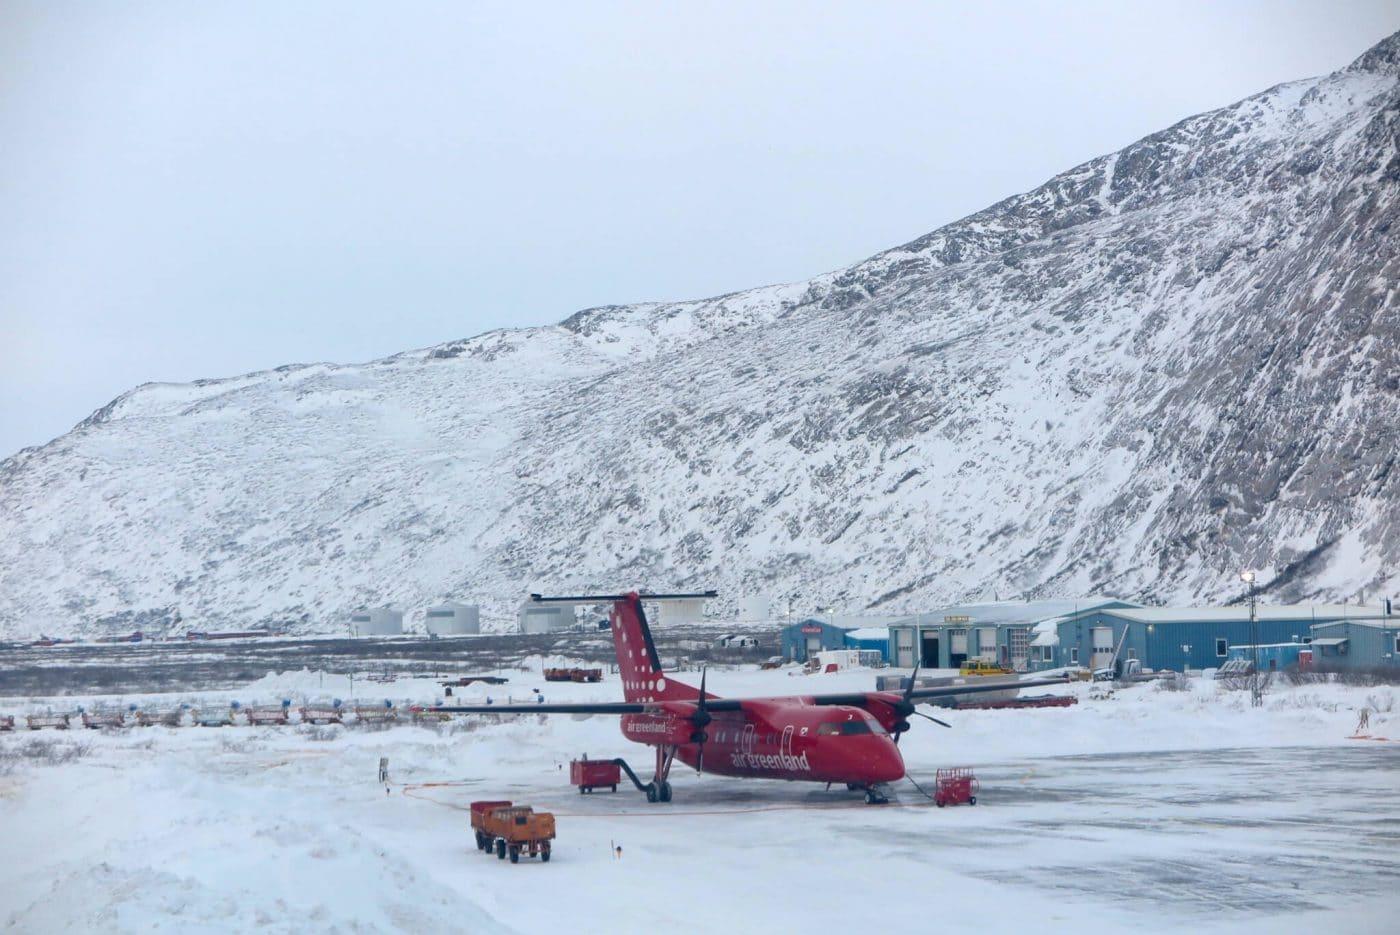 Kangerlussuaq Airport_Ilulissat. Photo by Vibha Dania-Dhawan